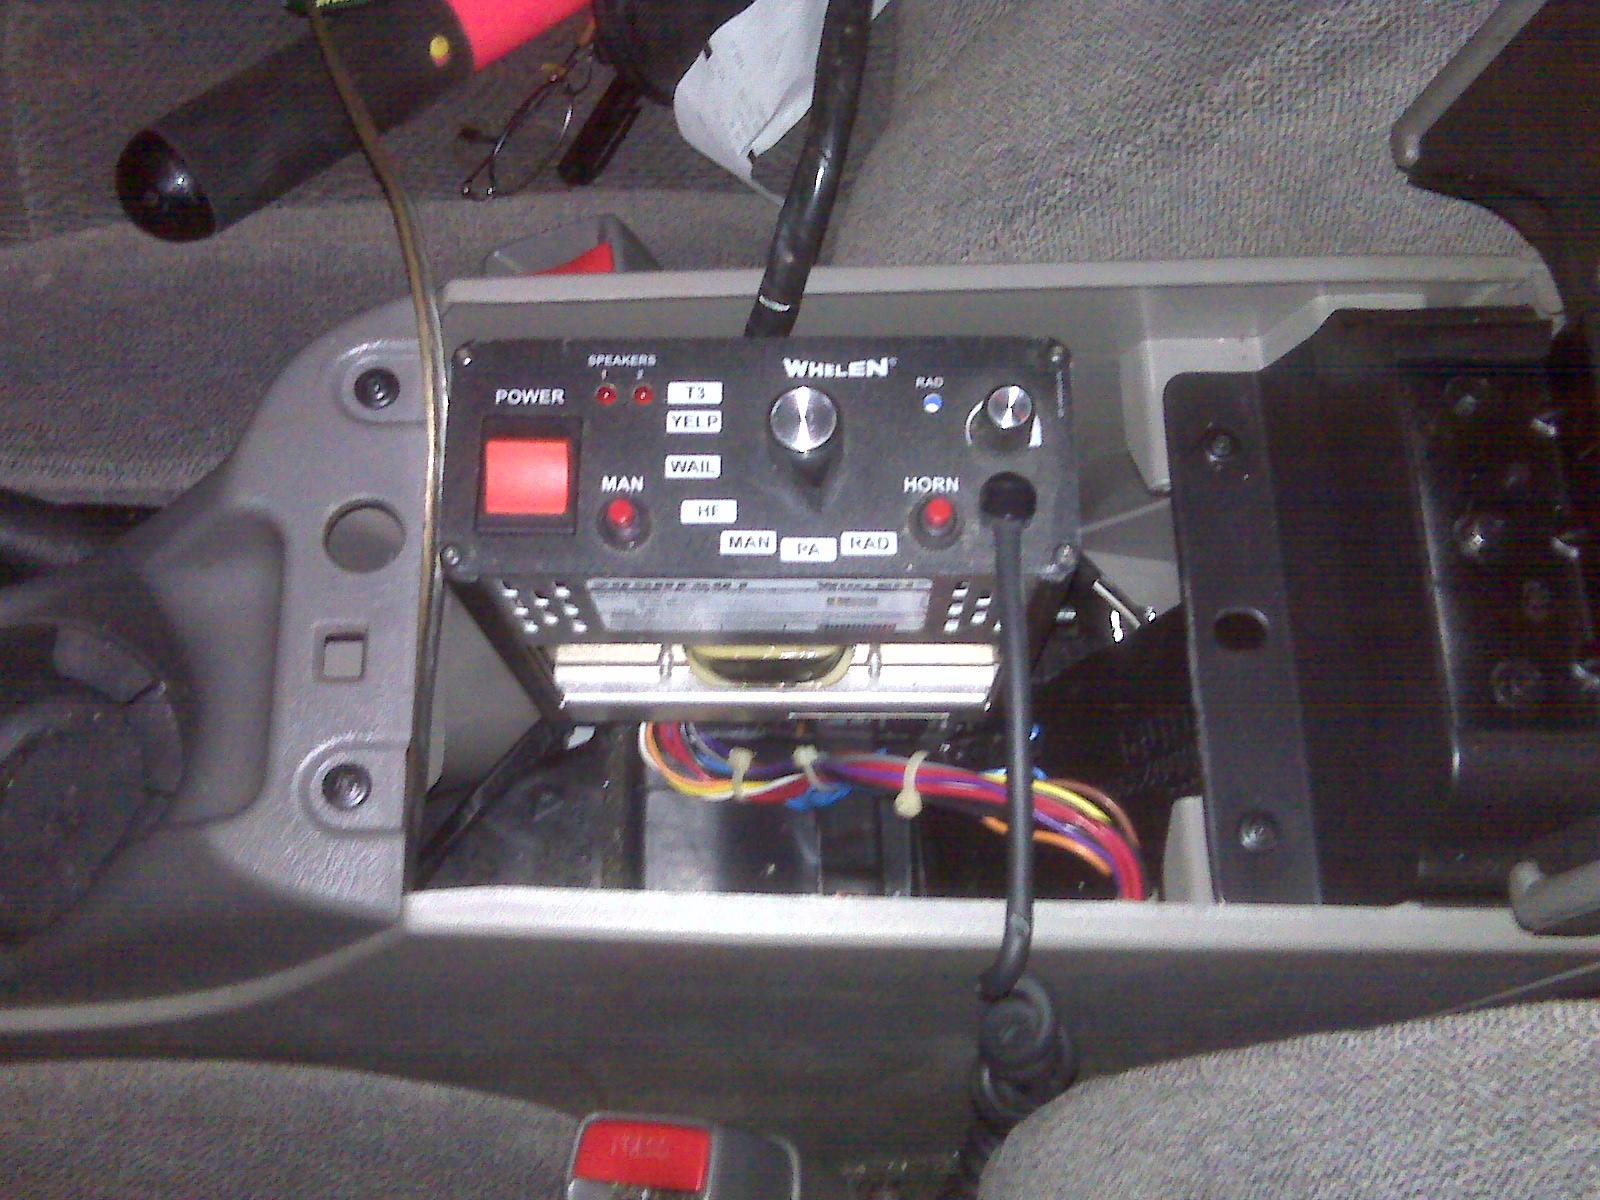 ams siren wiring diagram ams image wiring diagram whelen 295hfsa1 wiring diagram php whelen wiring diagrams cars on ams siren wiring diagram